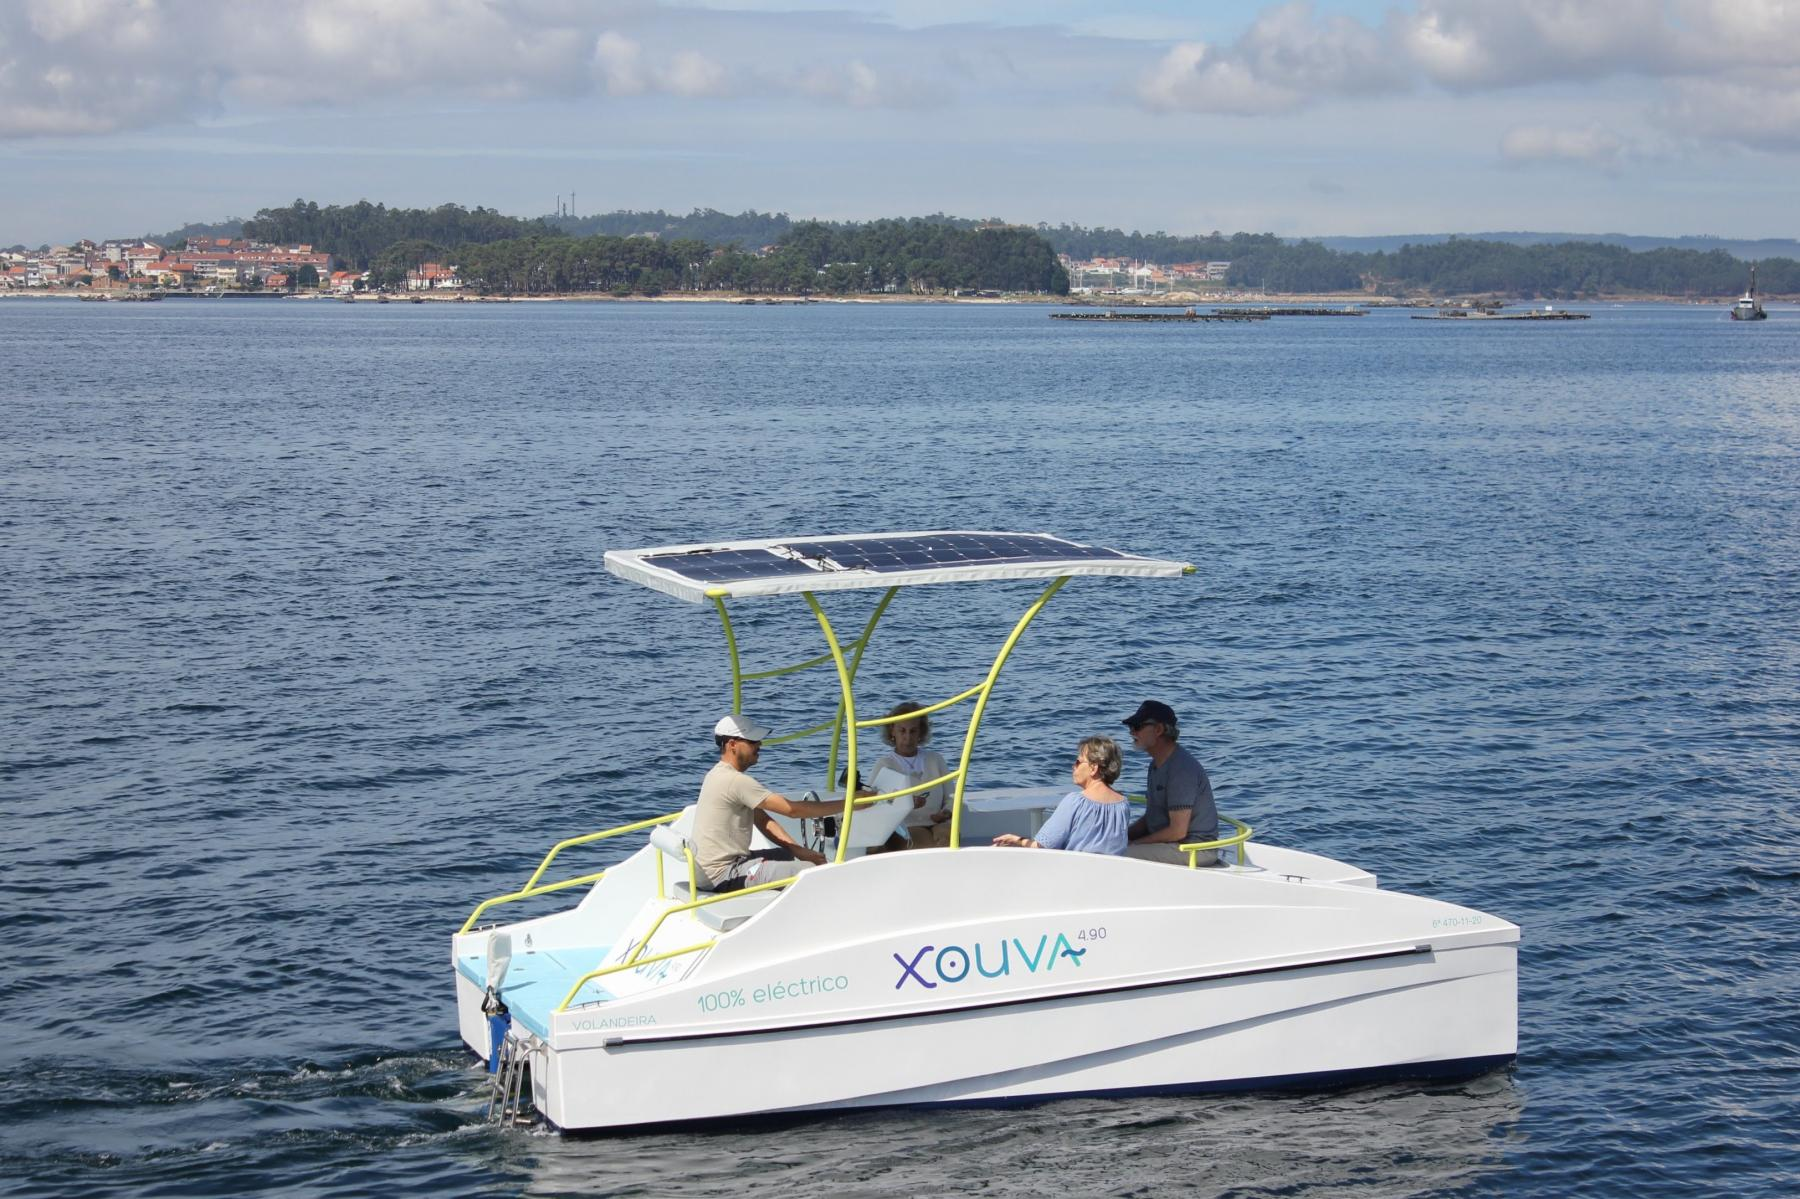 Xouva 4.90 navegando en las Rías Baixas